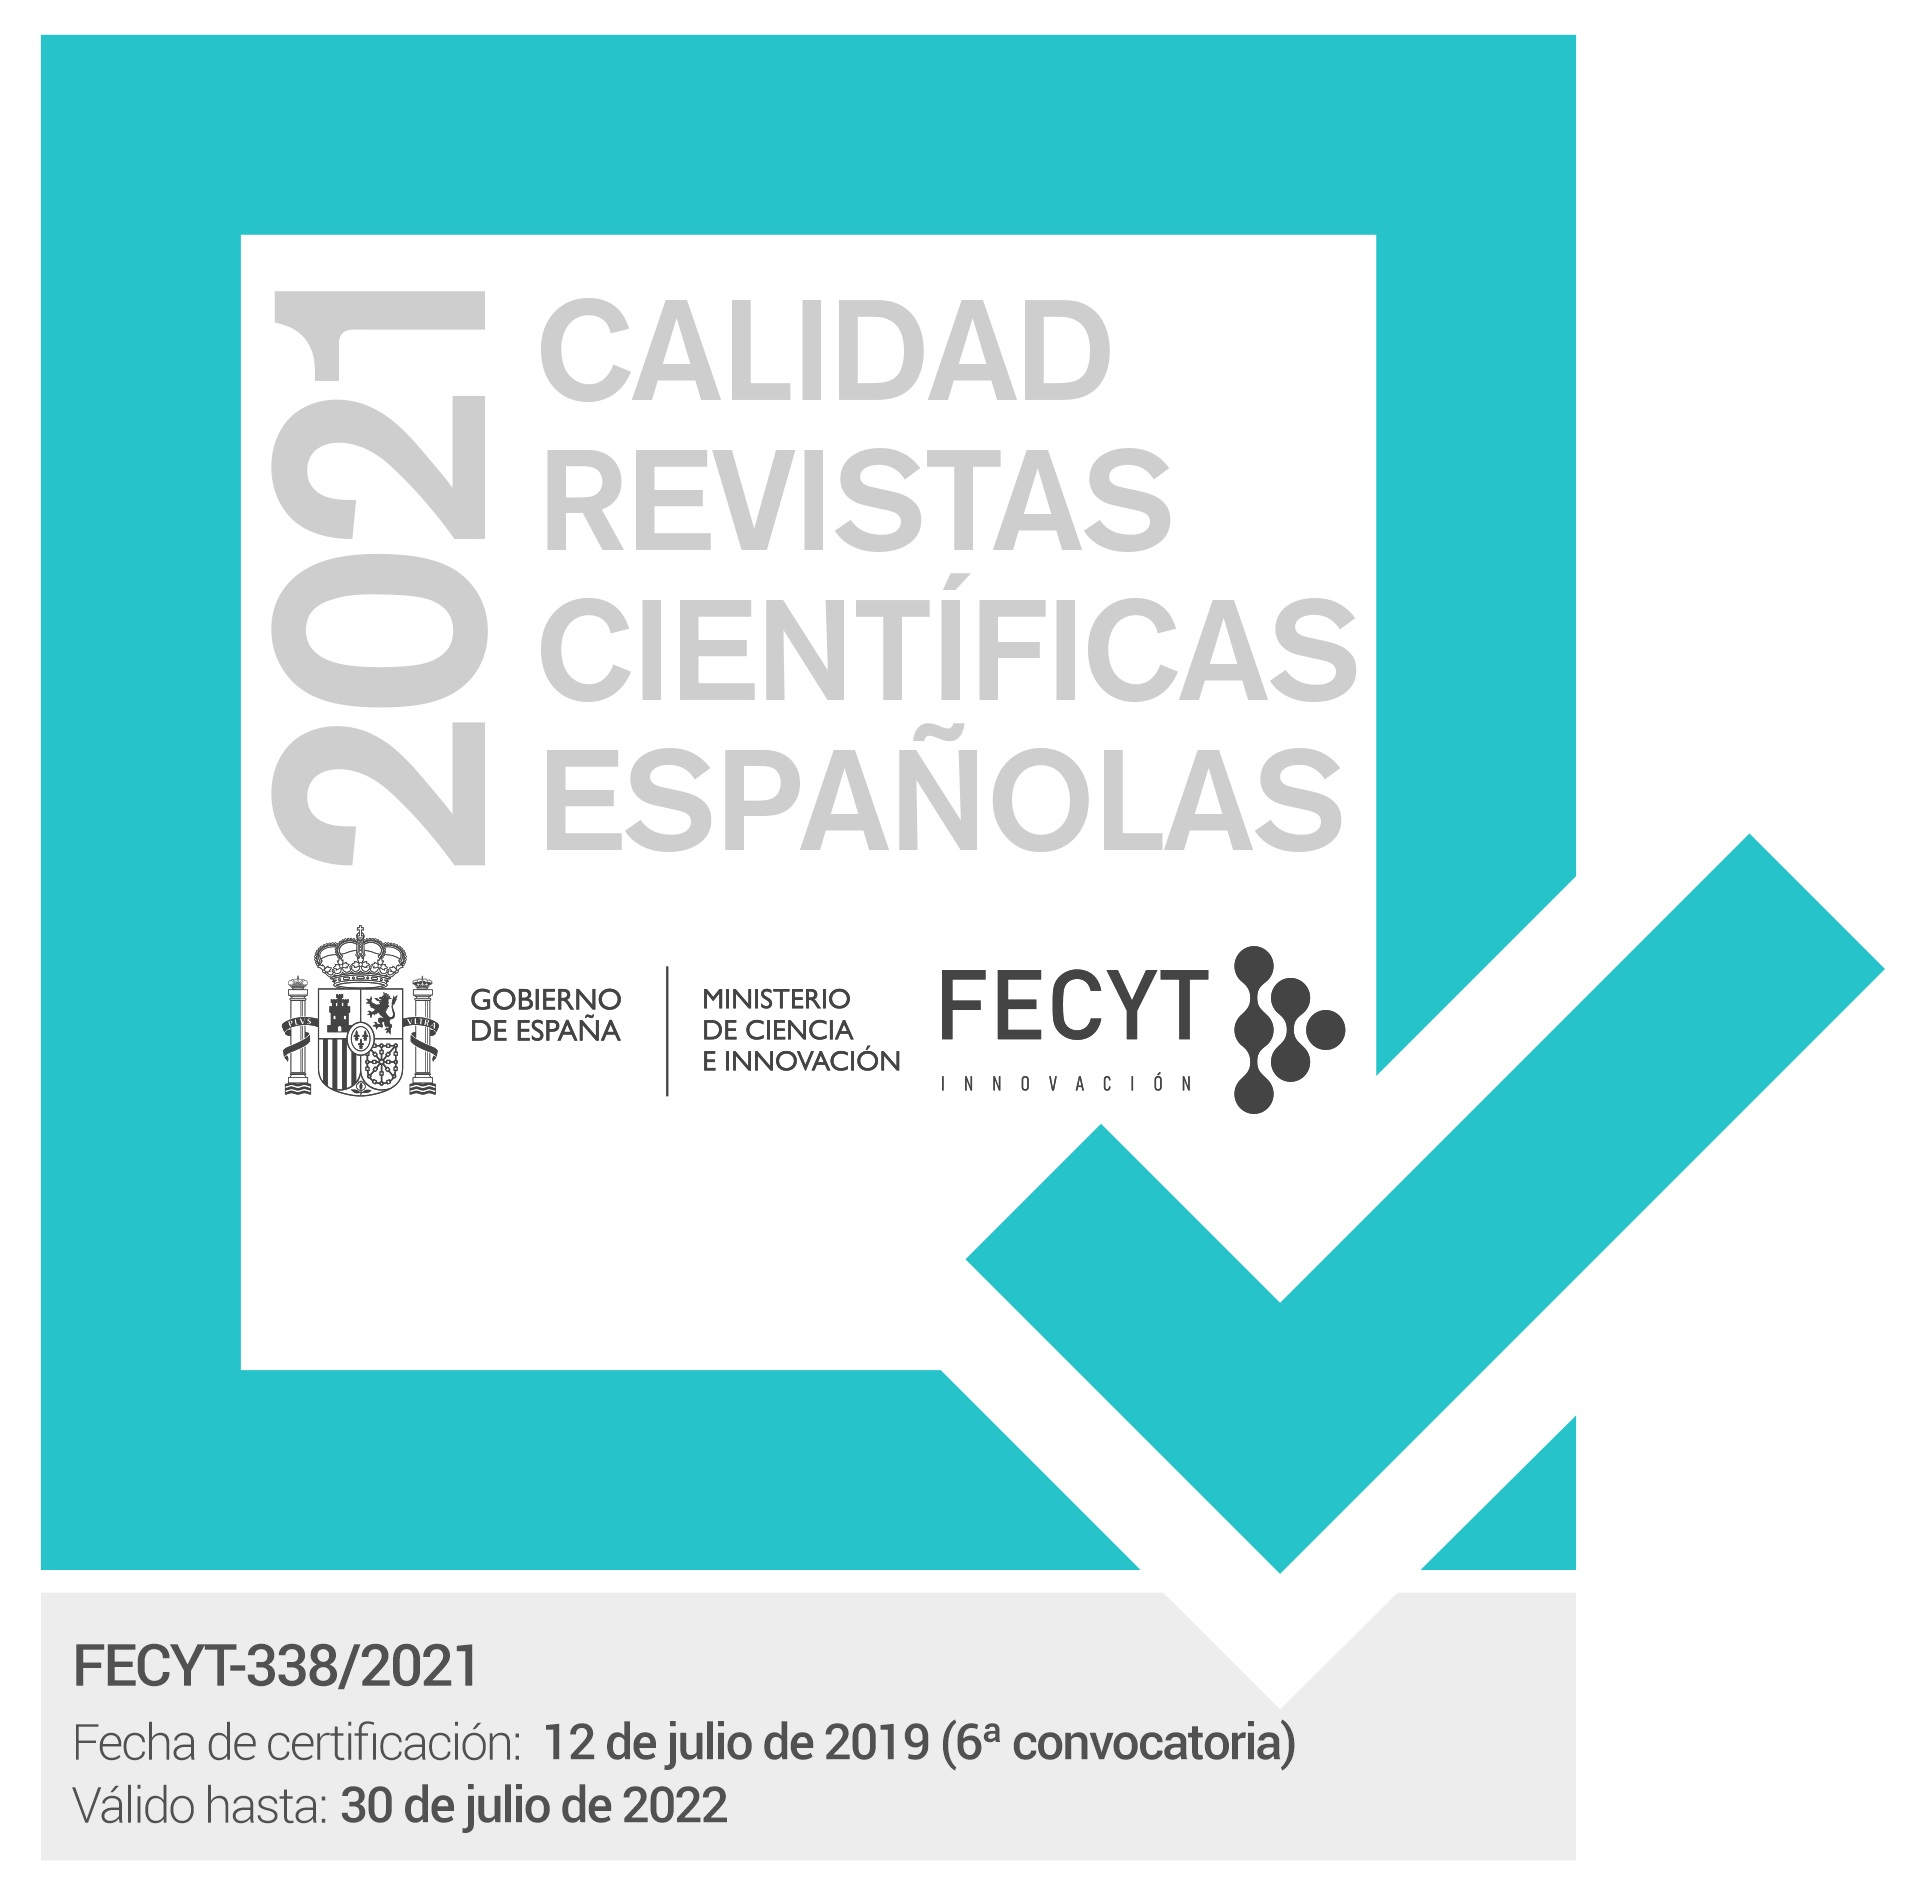 Sello de calidad FECYT 2021